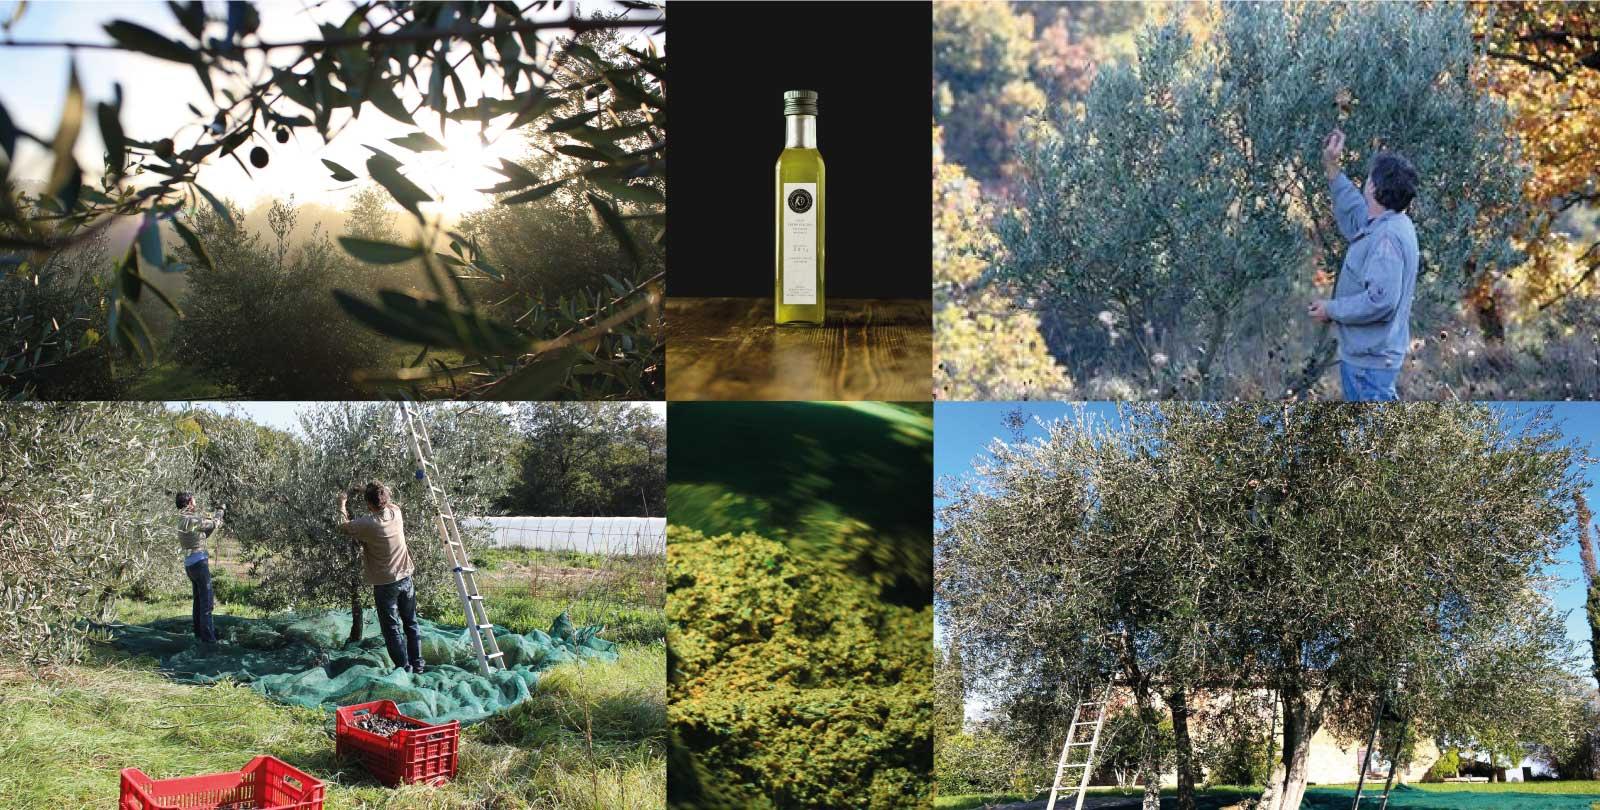 come scegliere olio d'oliva